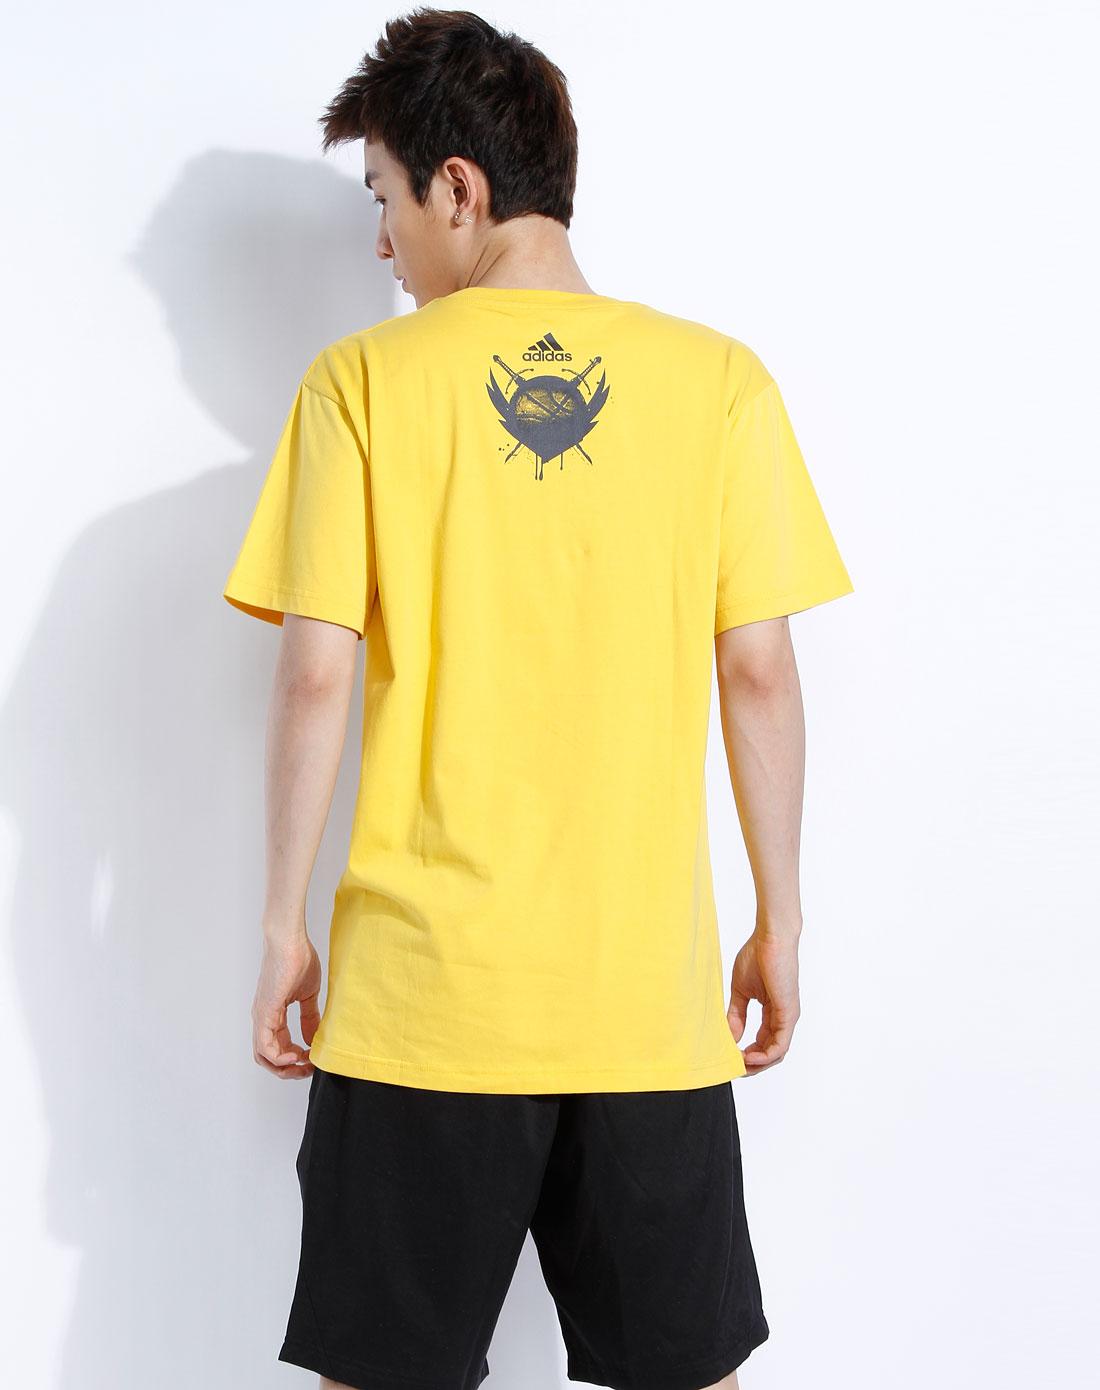 阿迪达斯adidas-男款黄色短袖t恤